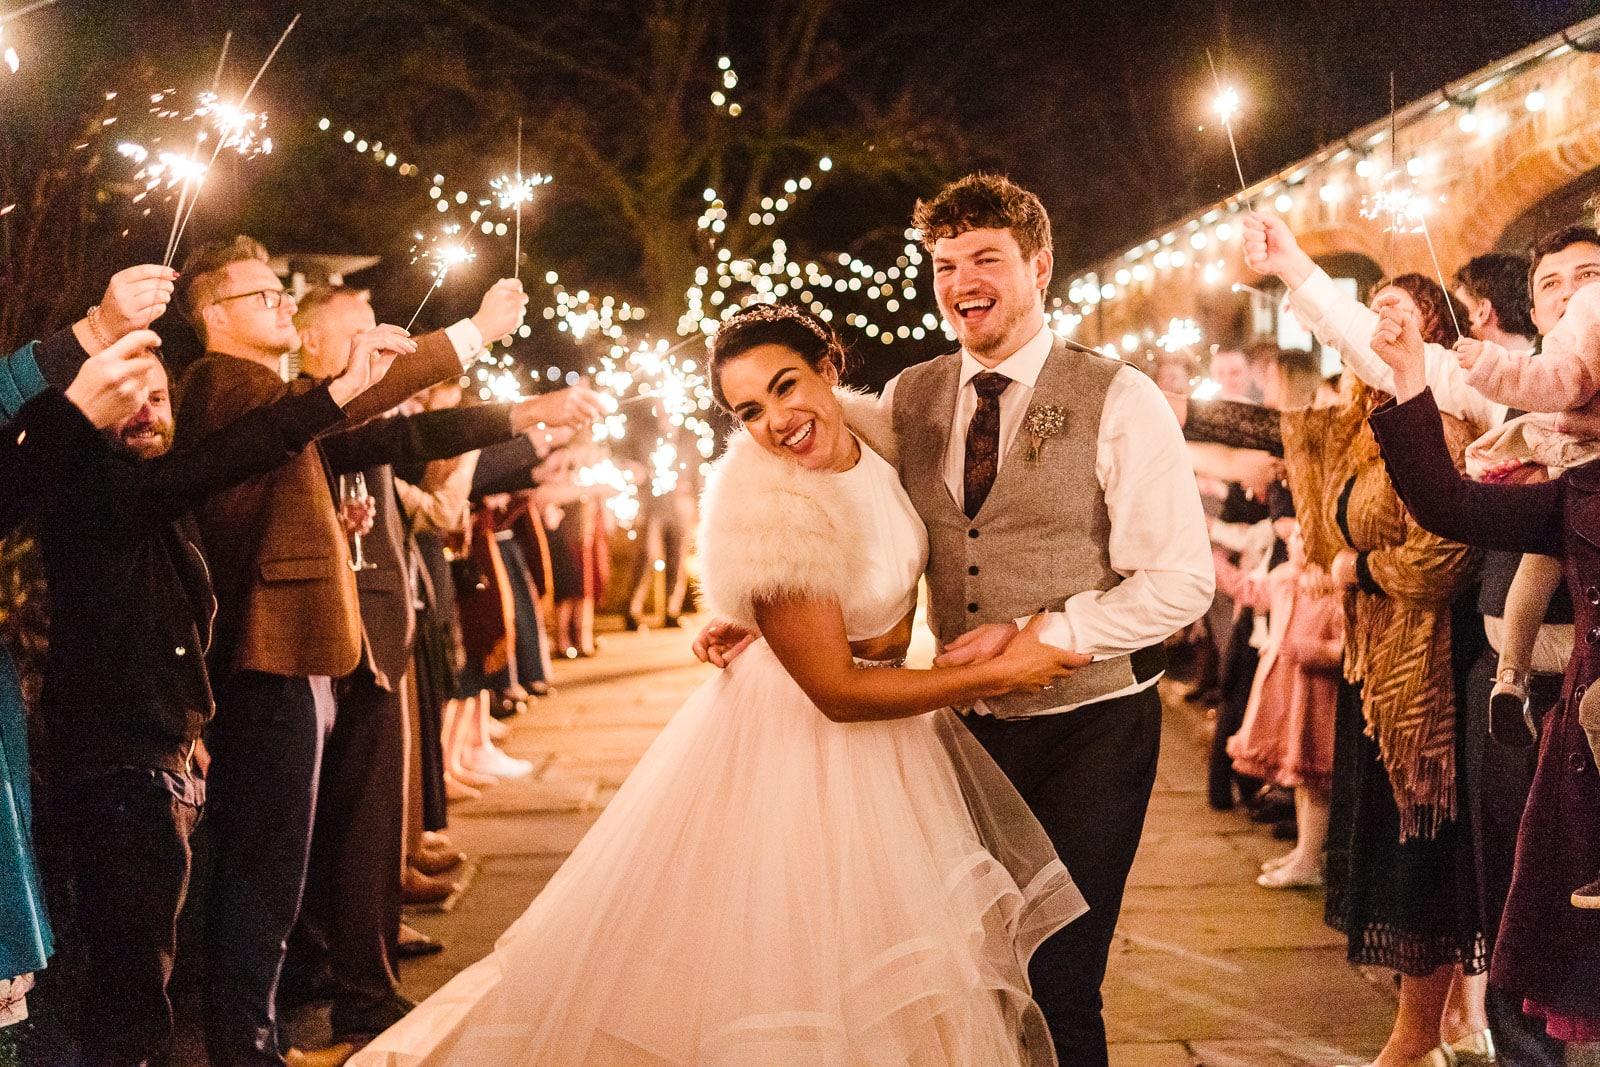 Dodmoor house couple exiting via a sparkler arch